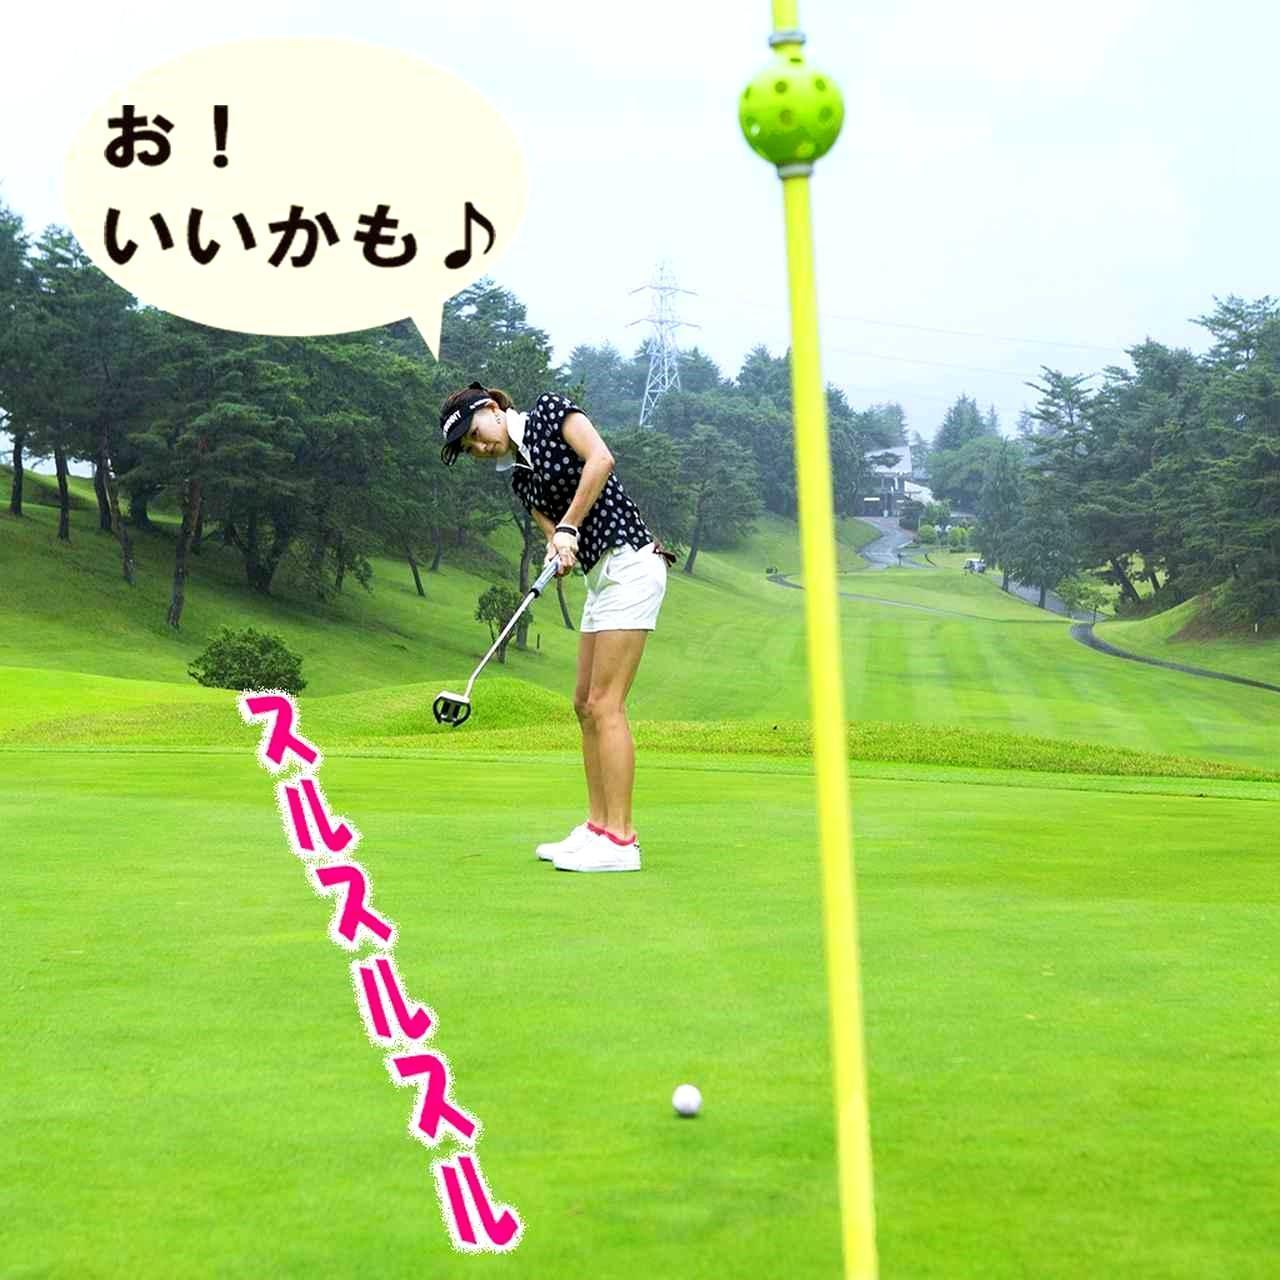 画像1: 【新ルール】球がピンに寄りかかって止まった、そのまま拾い上げてOK?